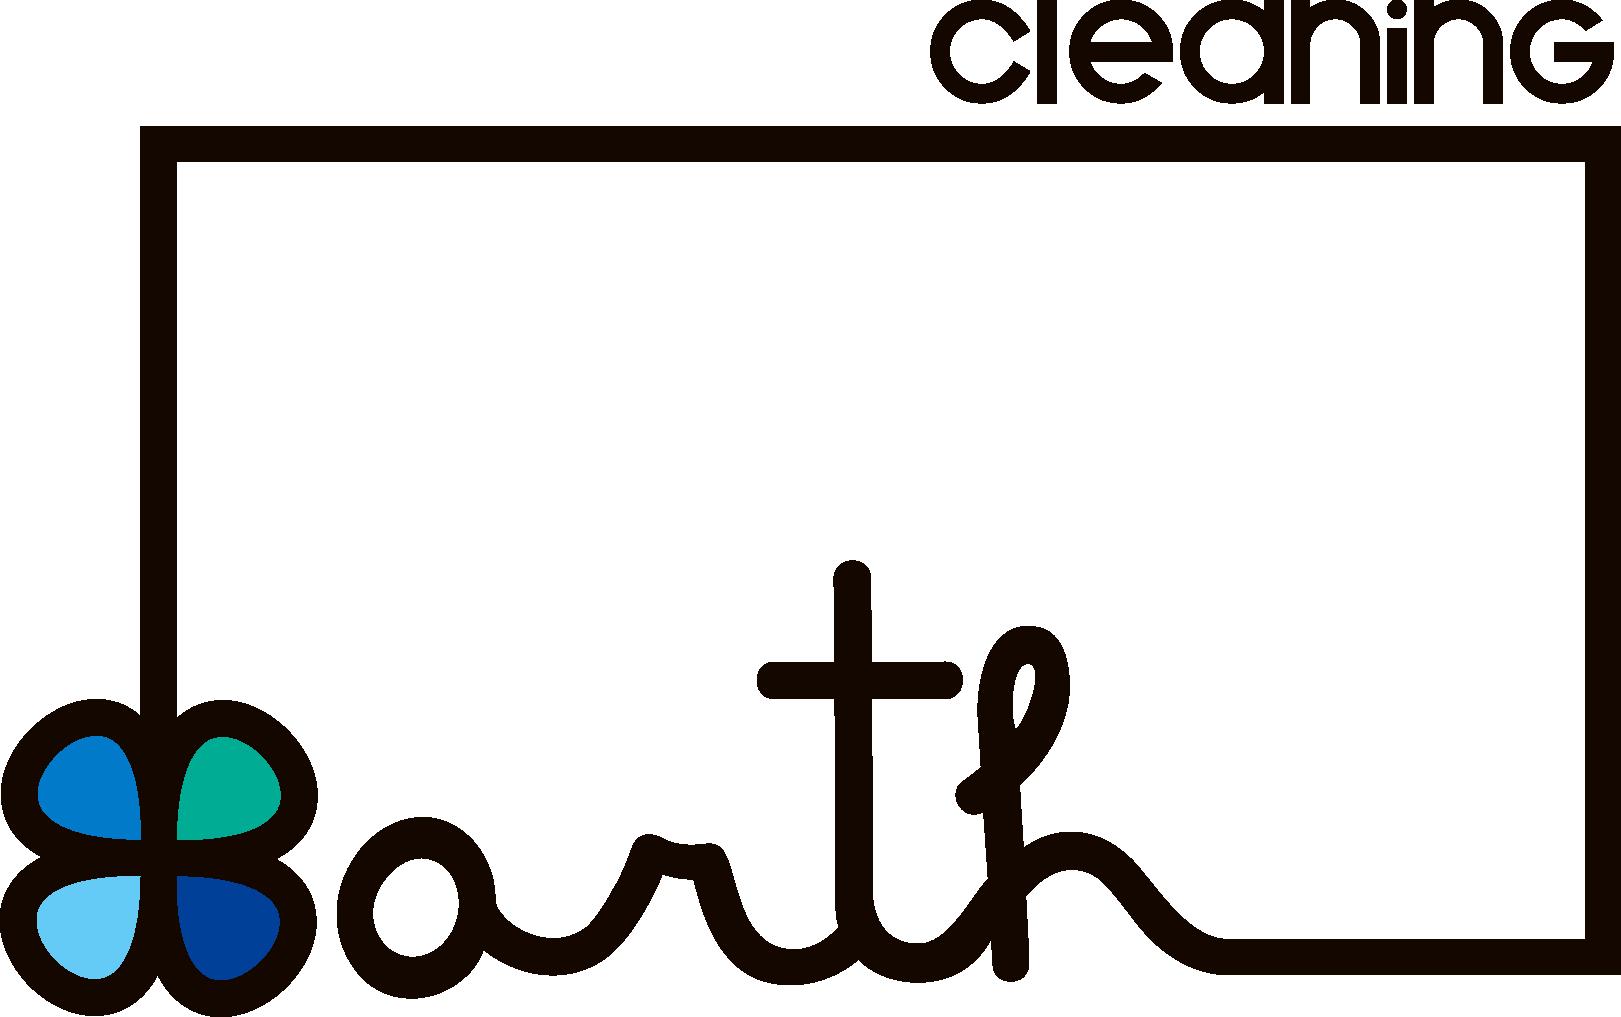 アースクリーニング(arth cleaning)